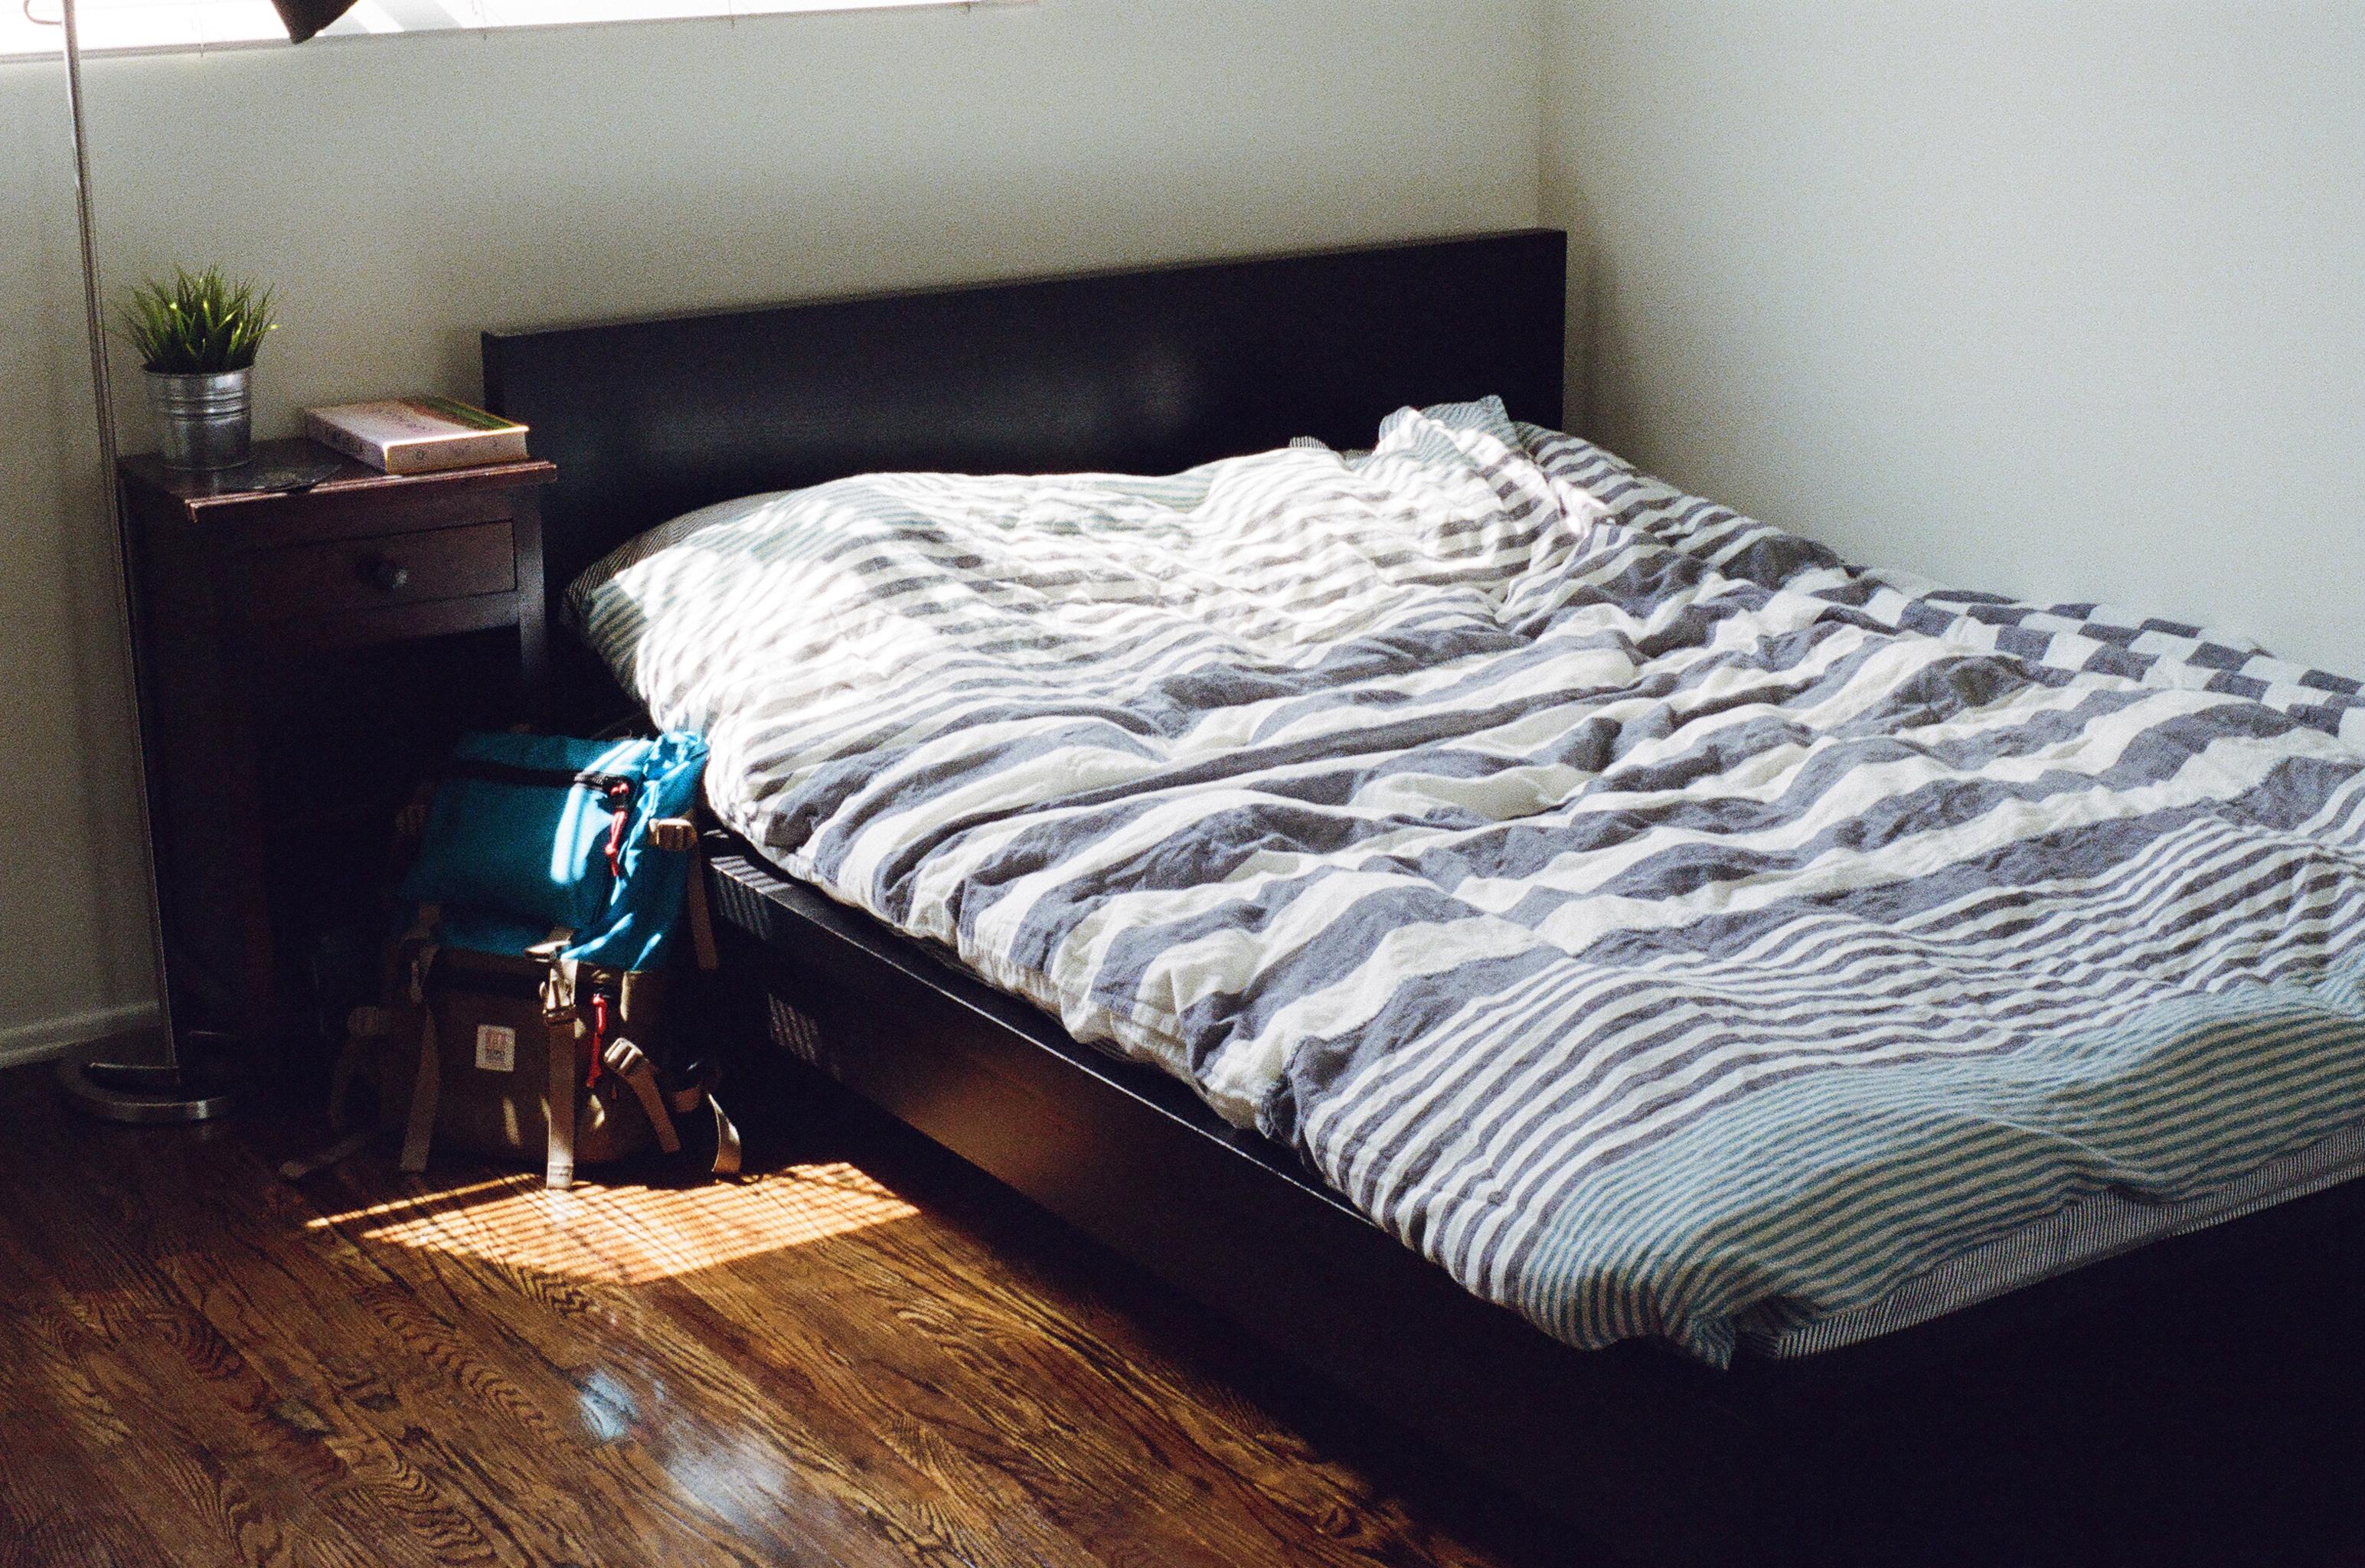 bed-bedroom-room-furniture